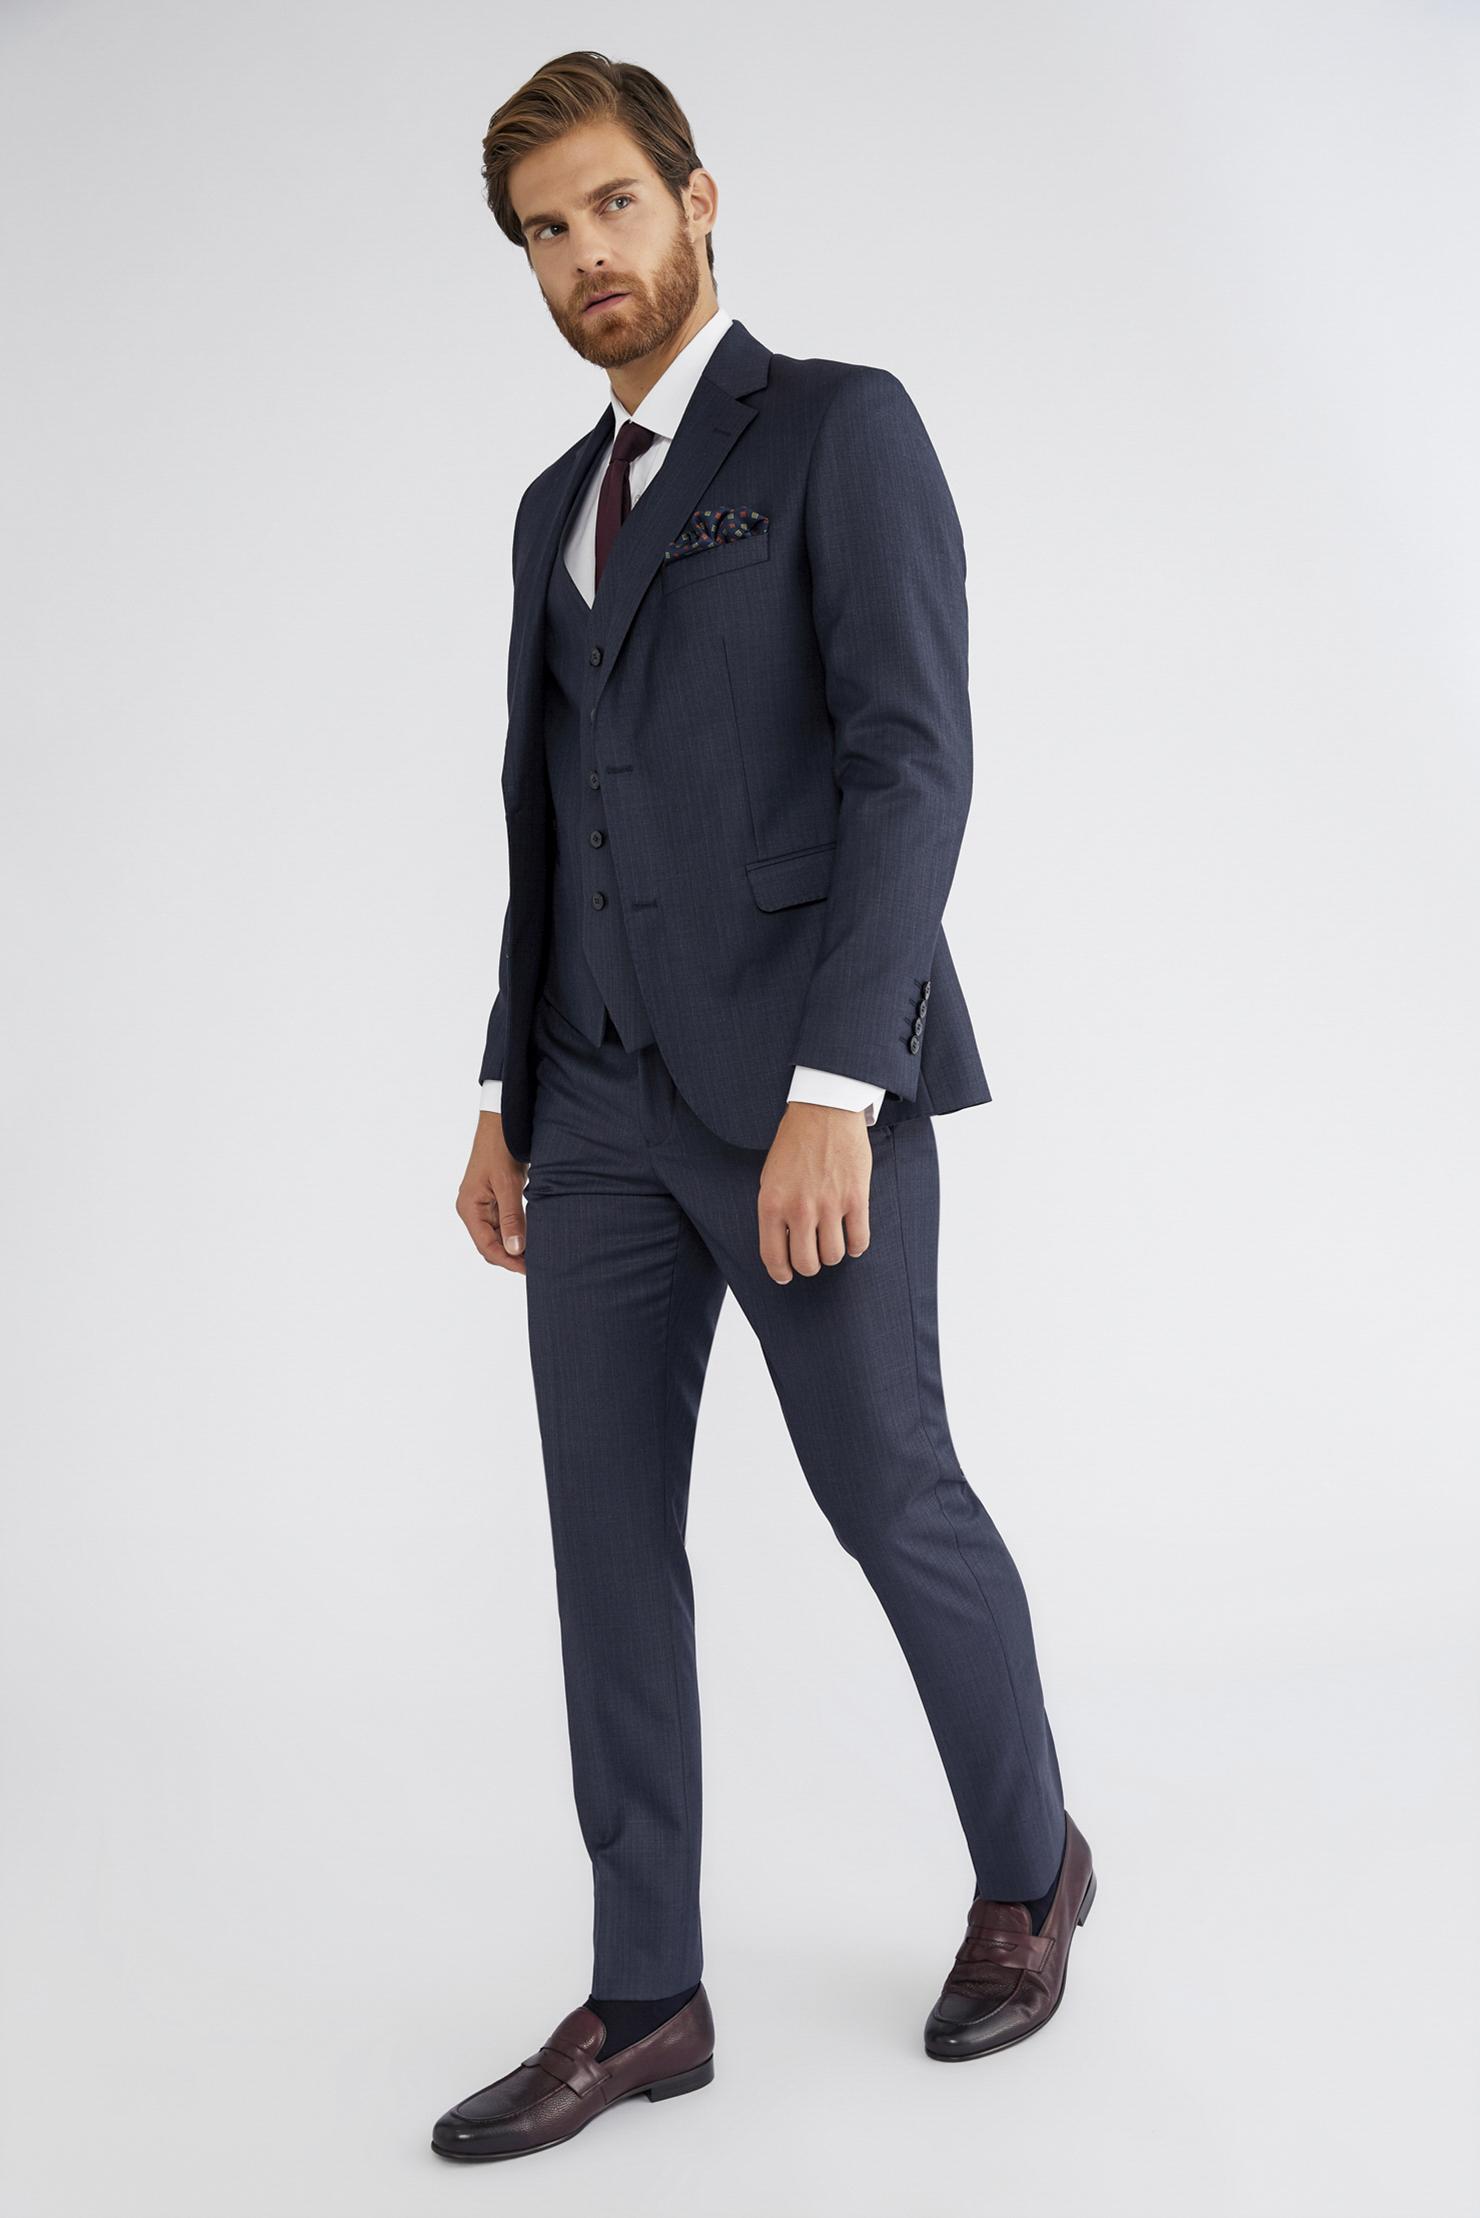 6a489c00c6f88 Yelekli Desenli Takım Elbise - Takım Elbise Modelleri - Slim Fit ...